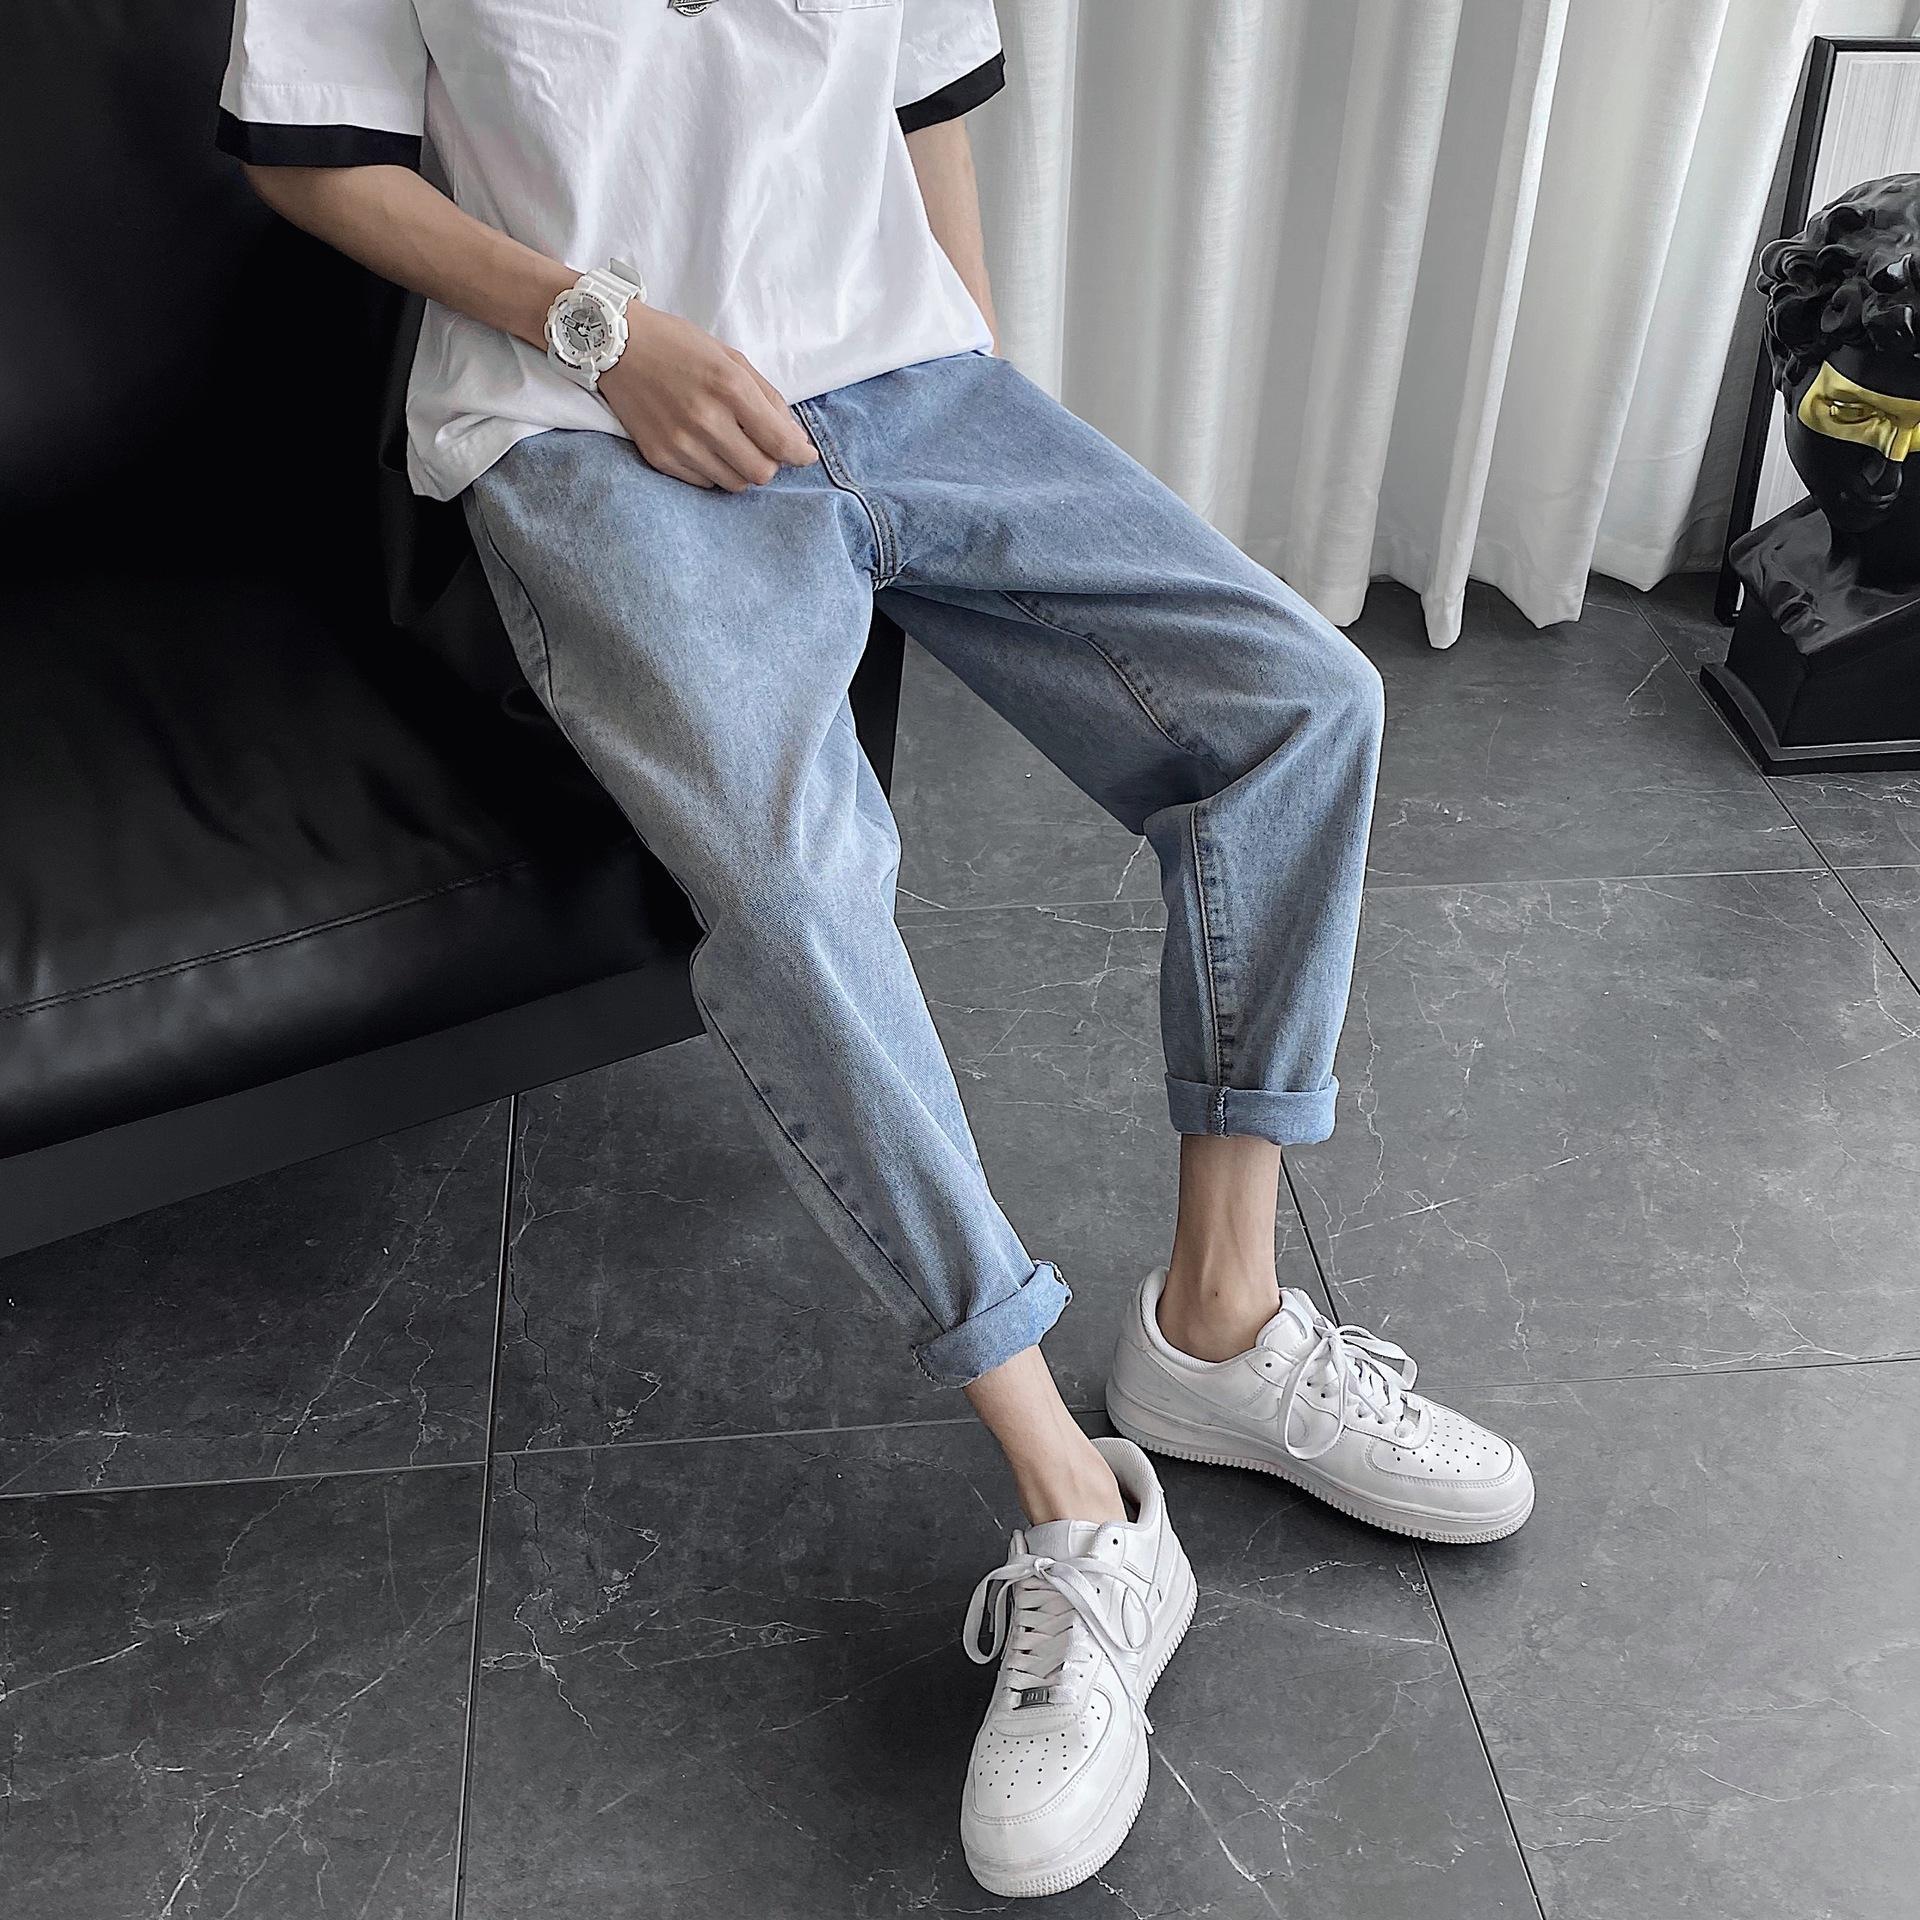 Прямые джинсы мужские летние рыхлый тонкий случайные Корейский стиль все-матч широкую ногу пят модные повседневные брюки и брюки Джинсы и trouse